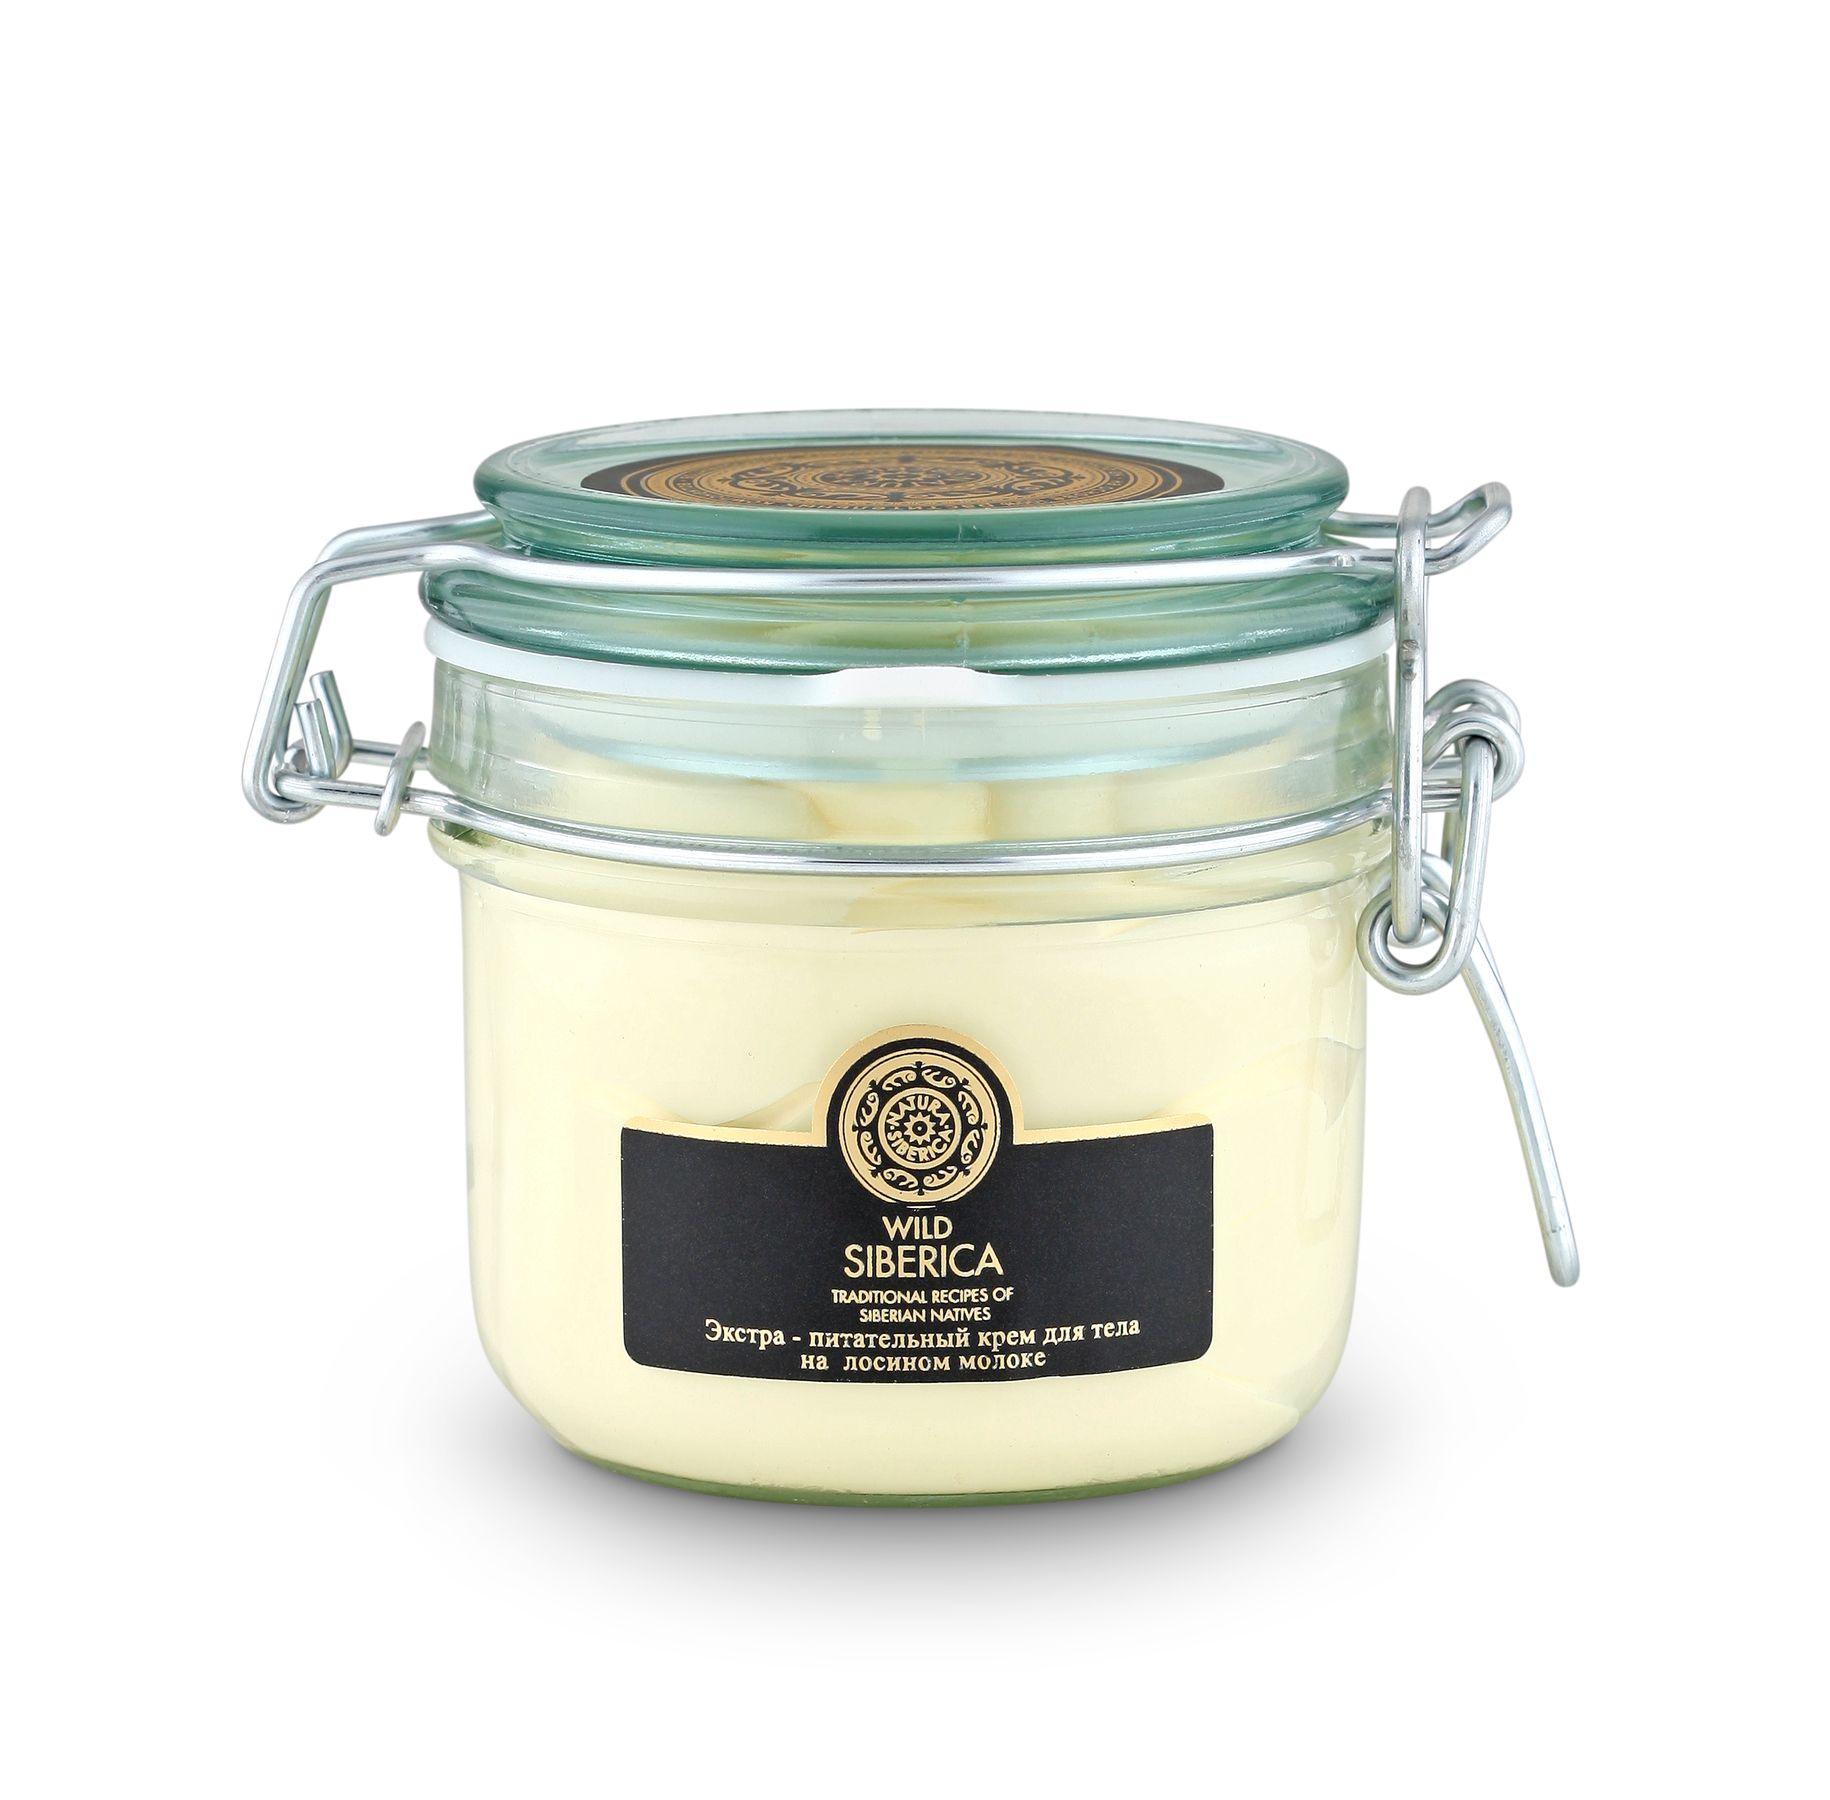 Купить NATURA SIBERICA Wild Siberica Экстра-питательный крем для тела, 180 мл (shop: Organic-shops Organic shops)